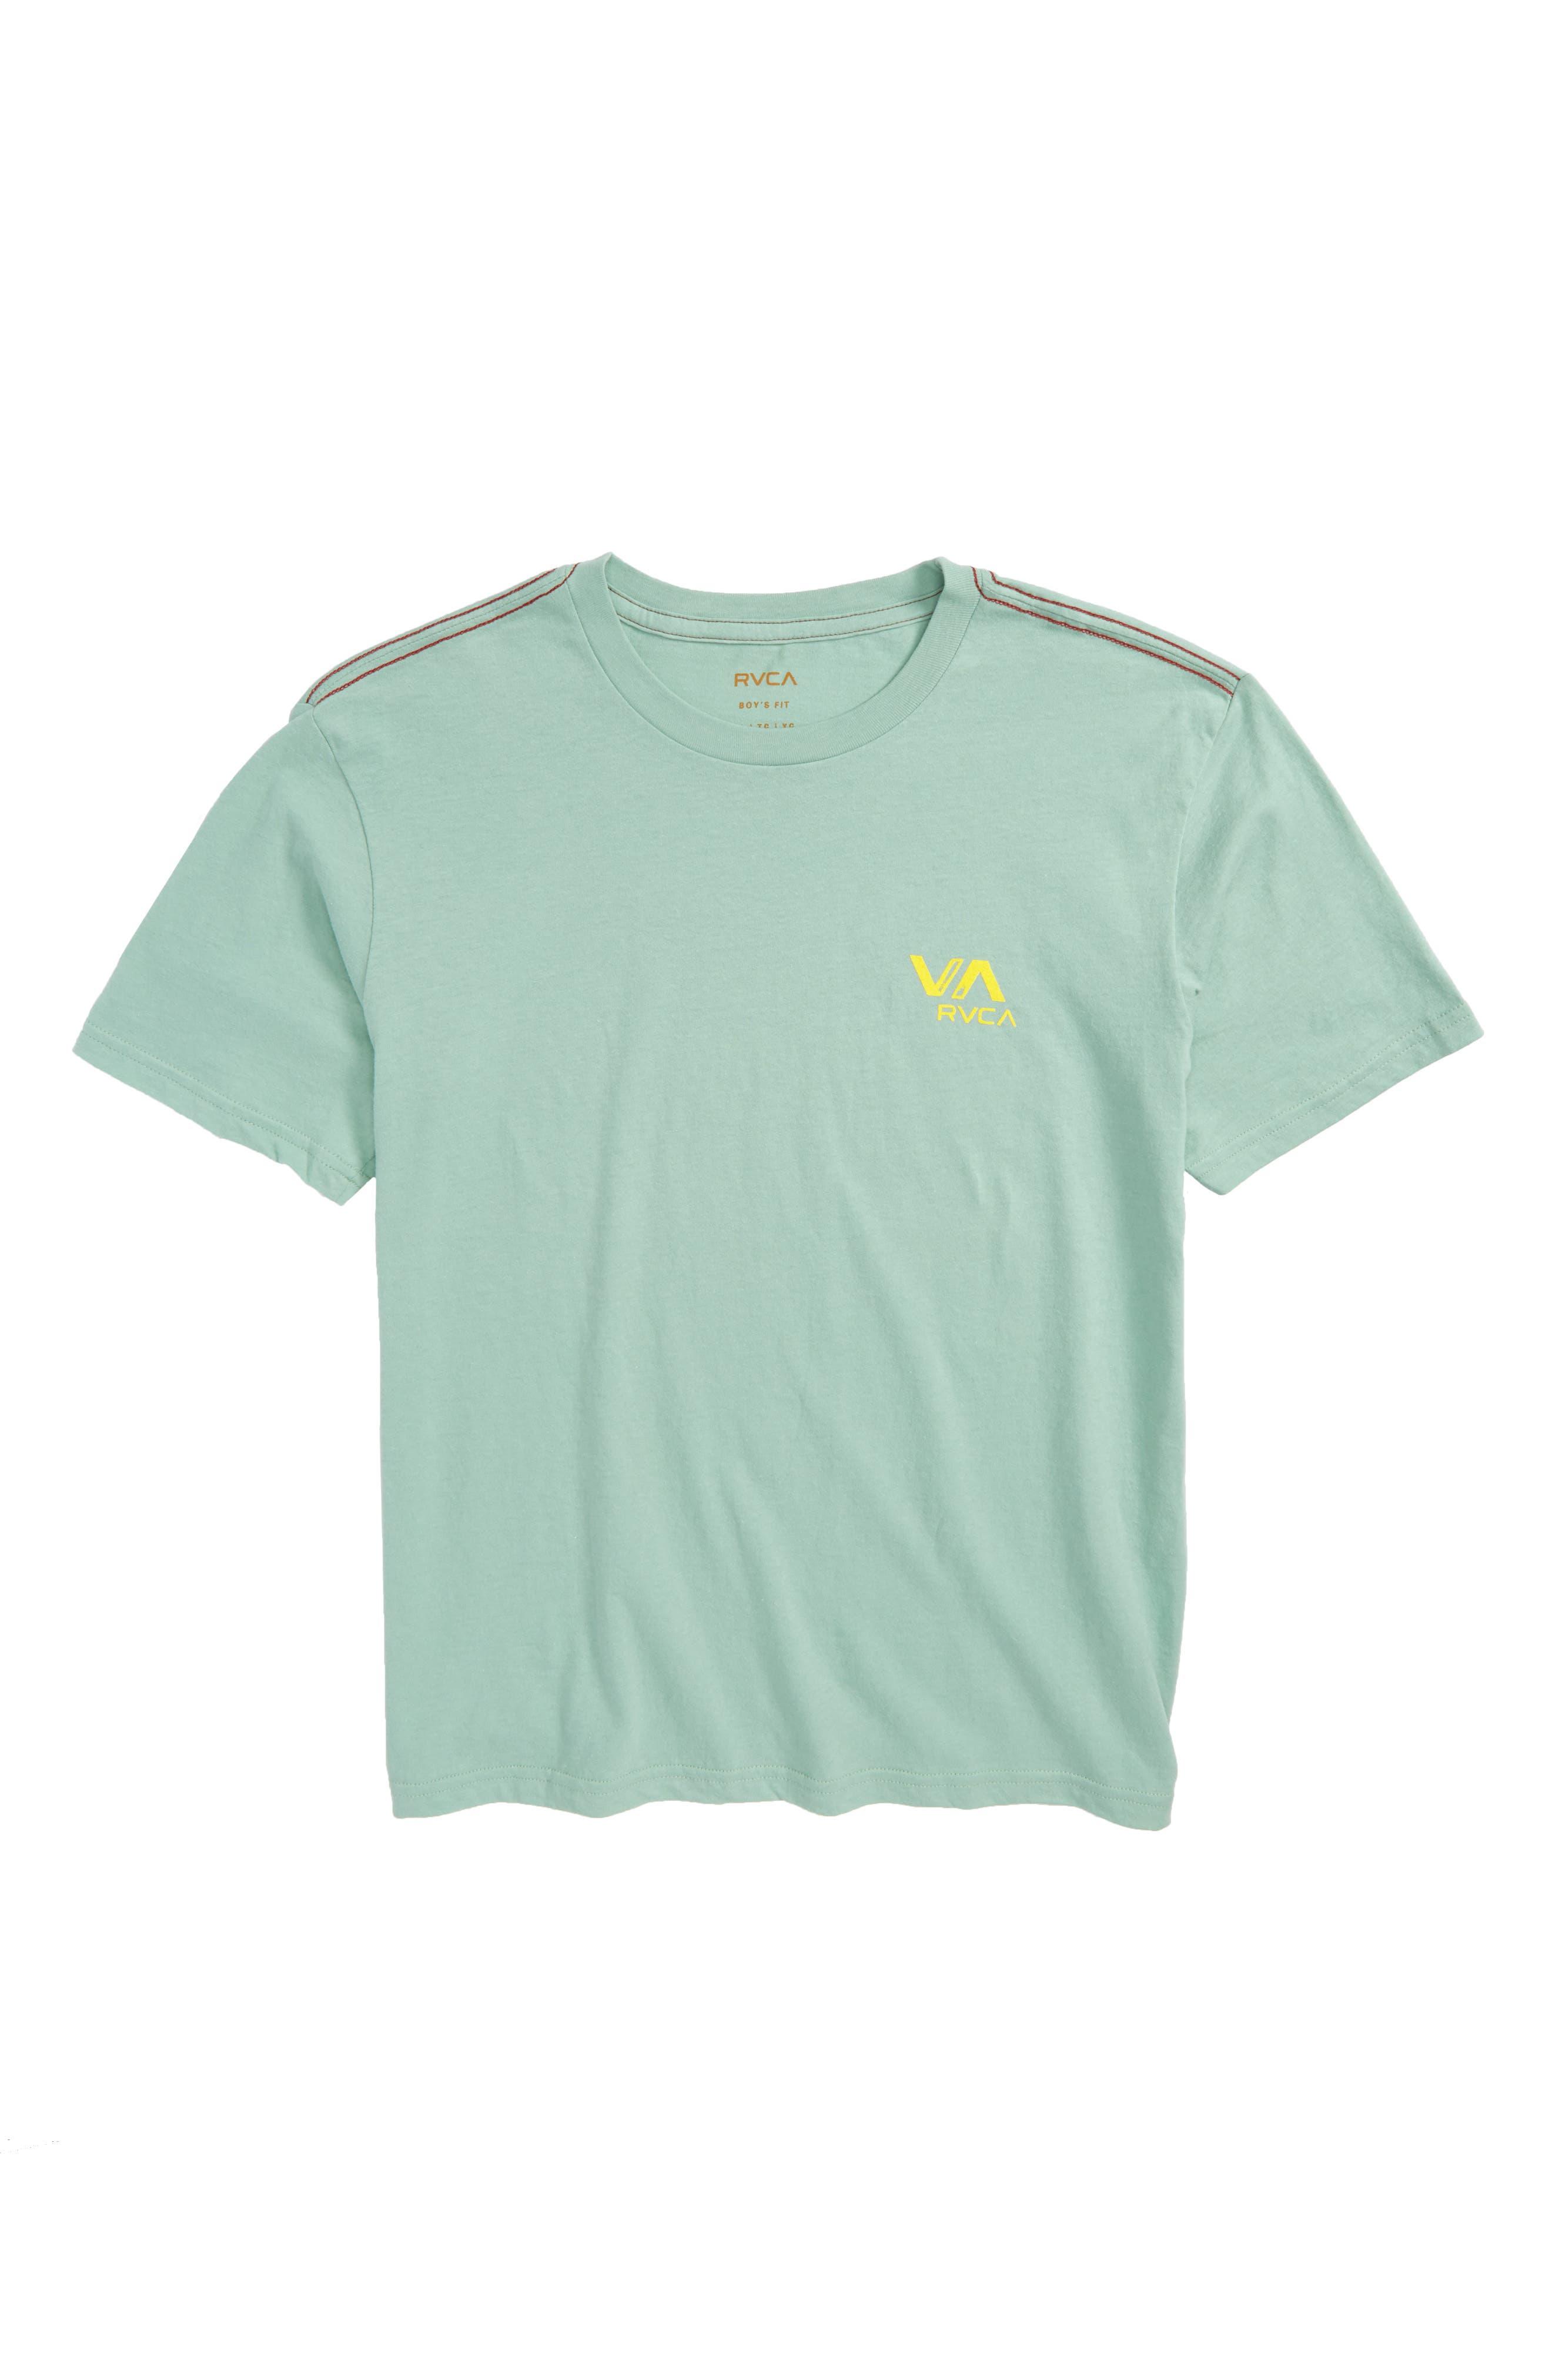 RVCA VA Ink T-Shirt (Big Boys)